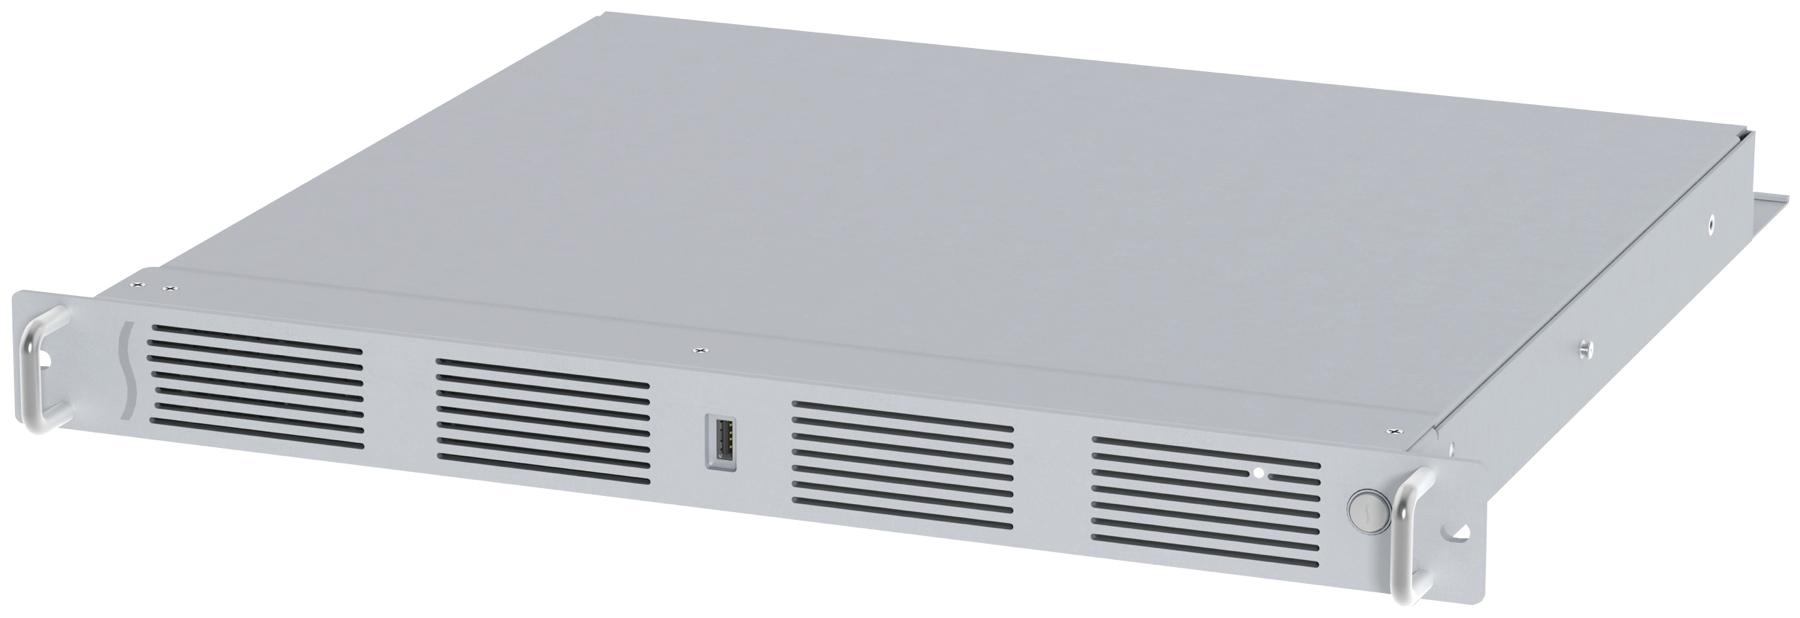 mini Server